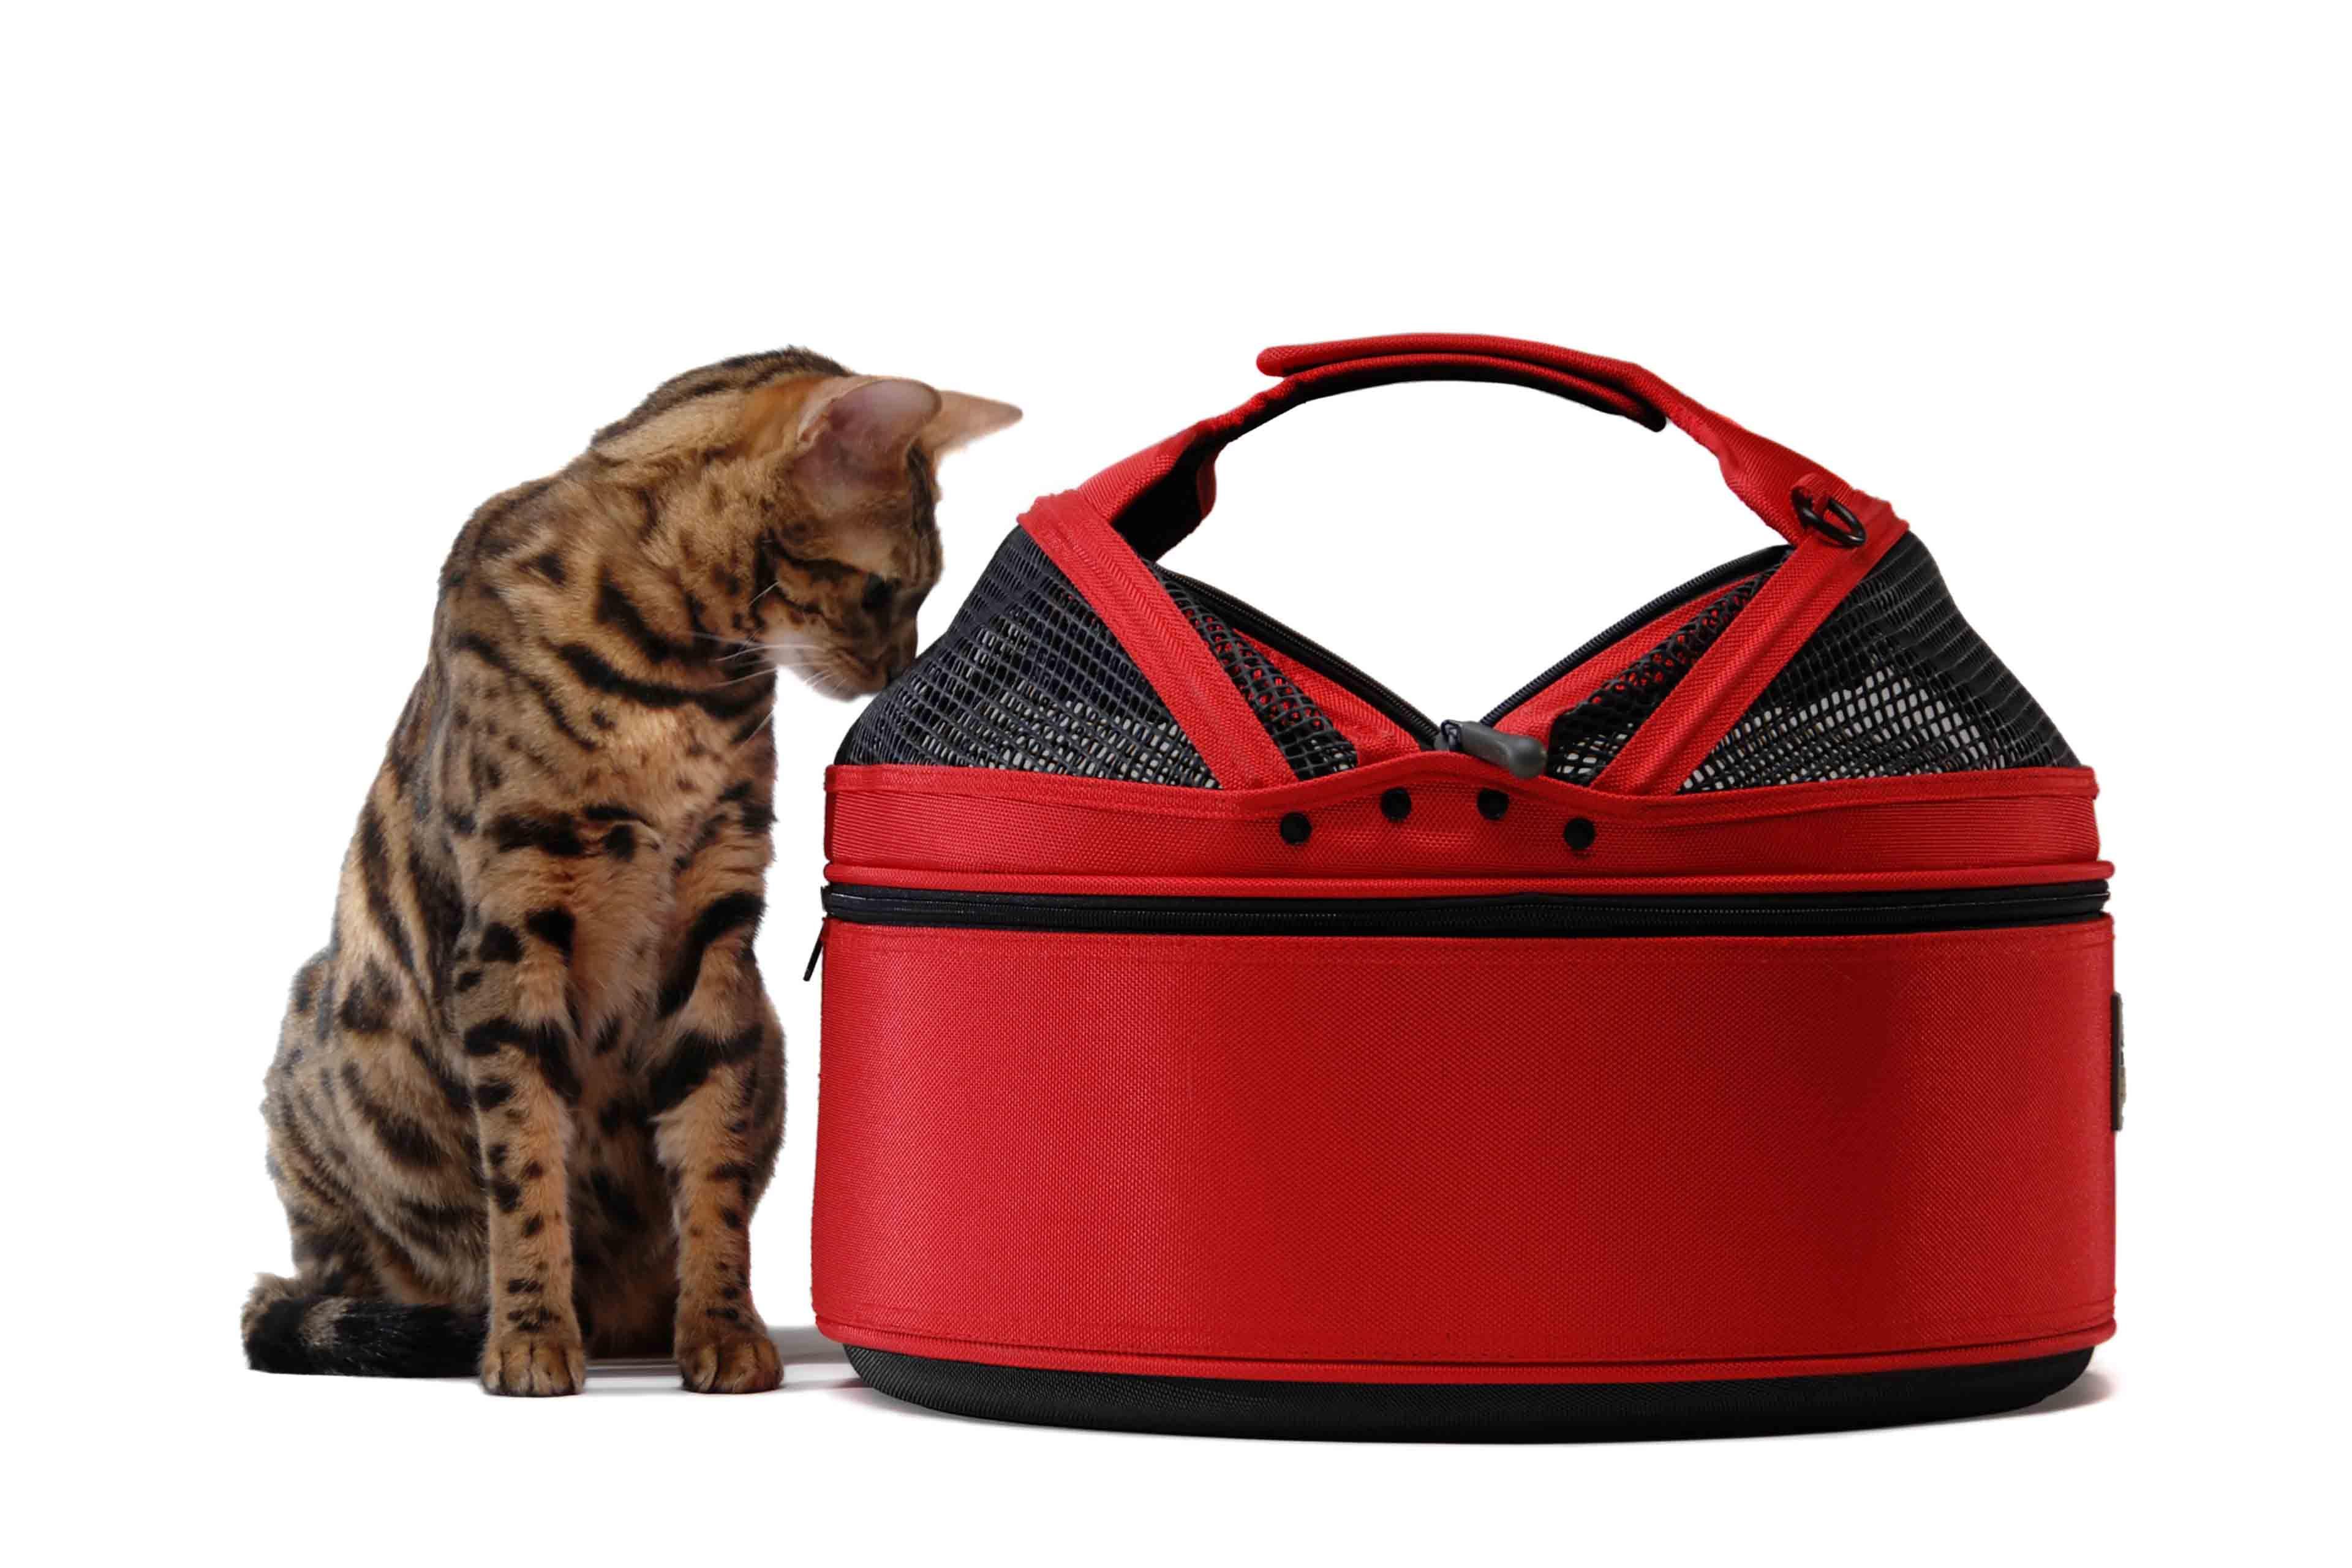 Sleepypod Cat carrier, Pet carriers, Dog carrier